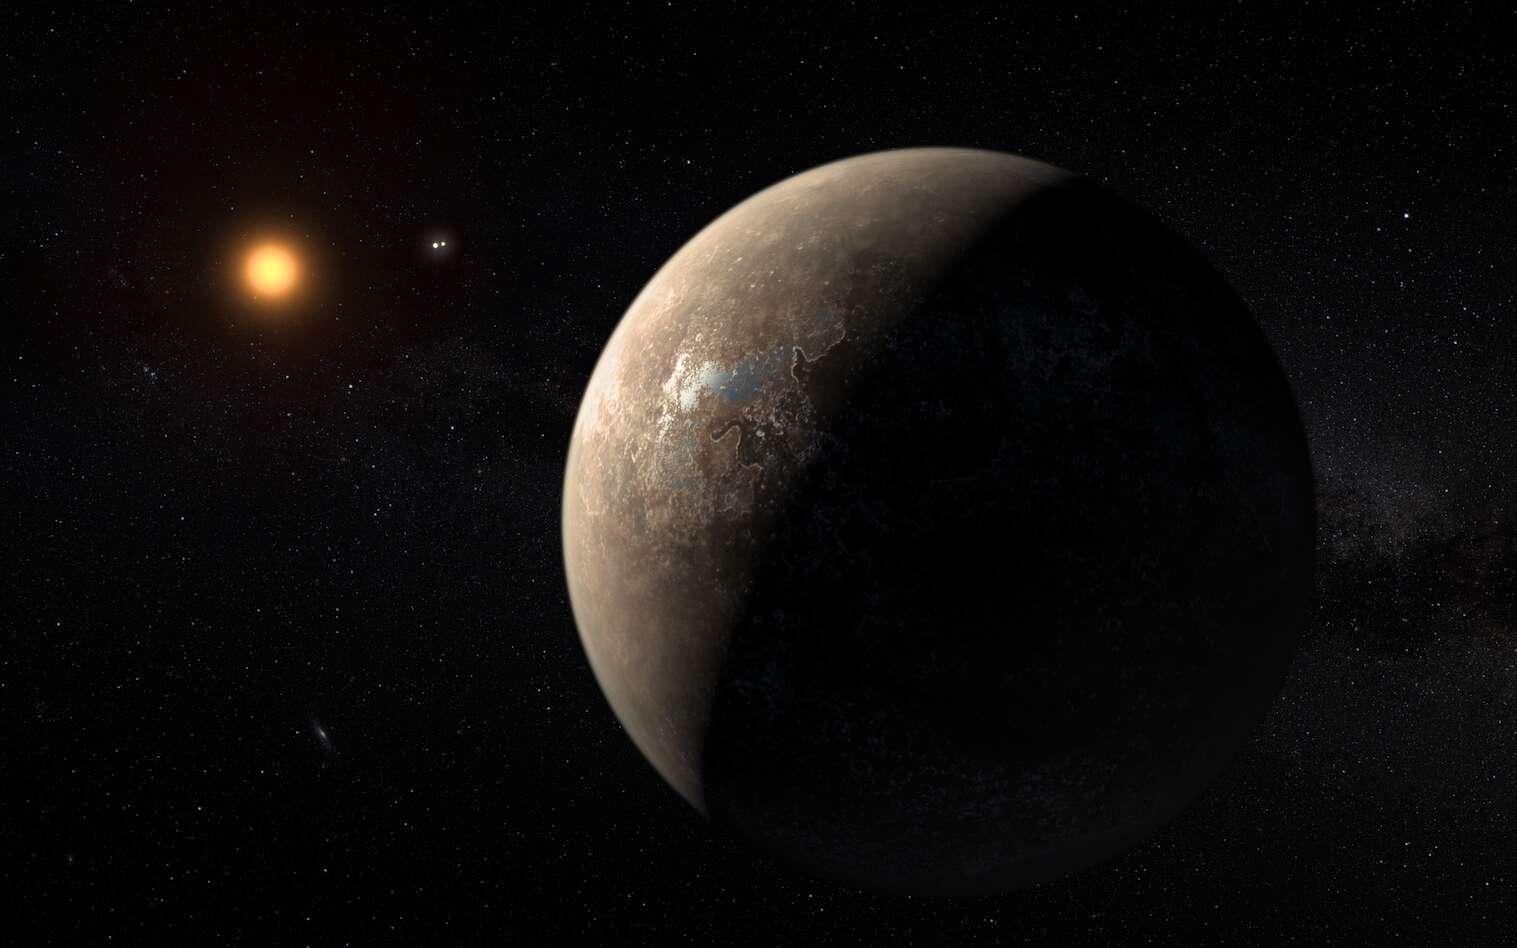 Illustration de Proxima b, l'exoplanète découverte autour de notre voisine Proxima du Centaure. © ESO, M. Kornmesser